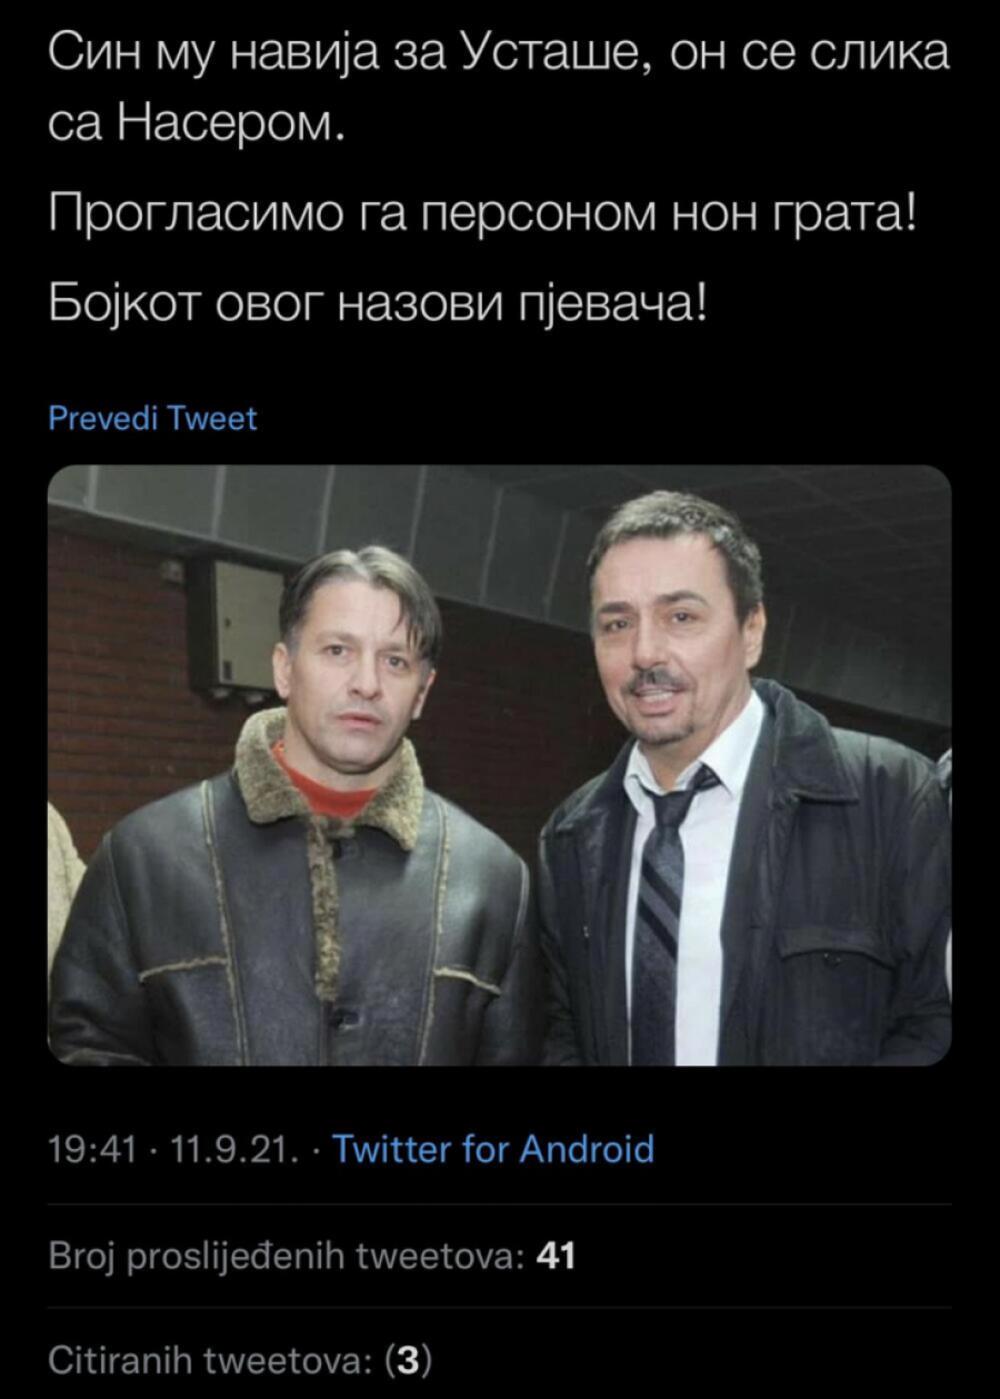 SKANDAL! Fotografija na kojoj Keba pozira sa Naserom Orićem napravila HAOS  NA MREŽAMA: Otkriveno sve o tome?!